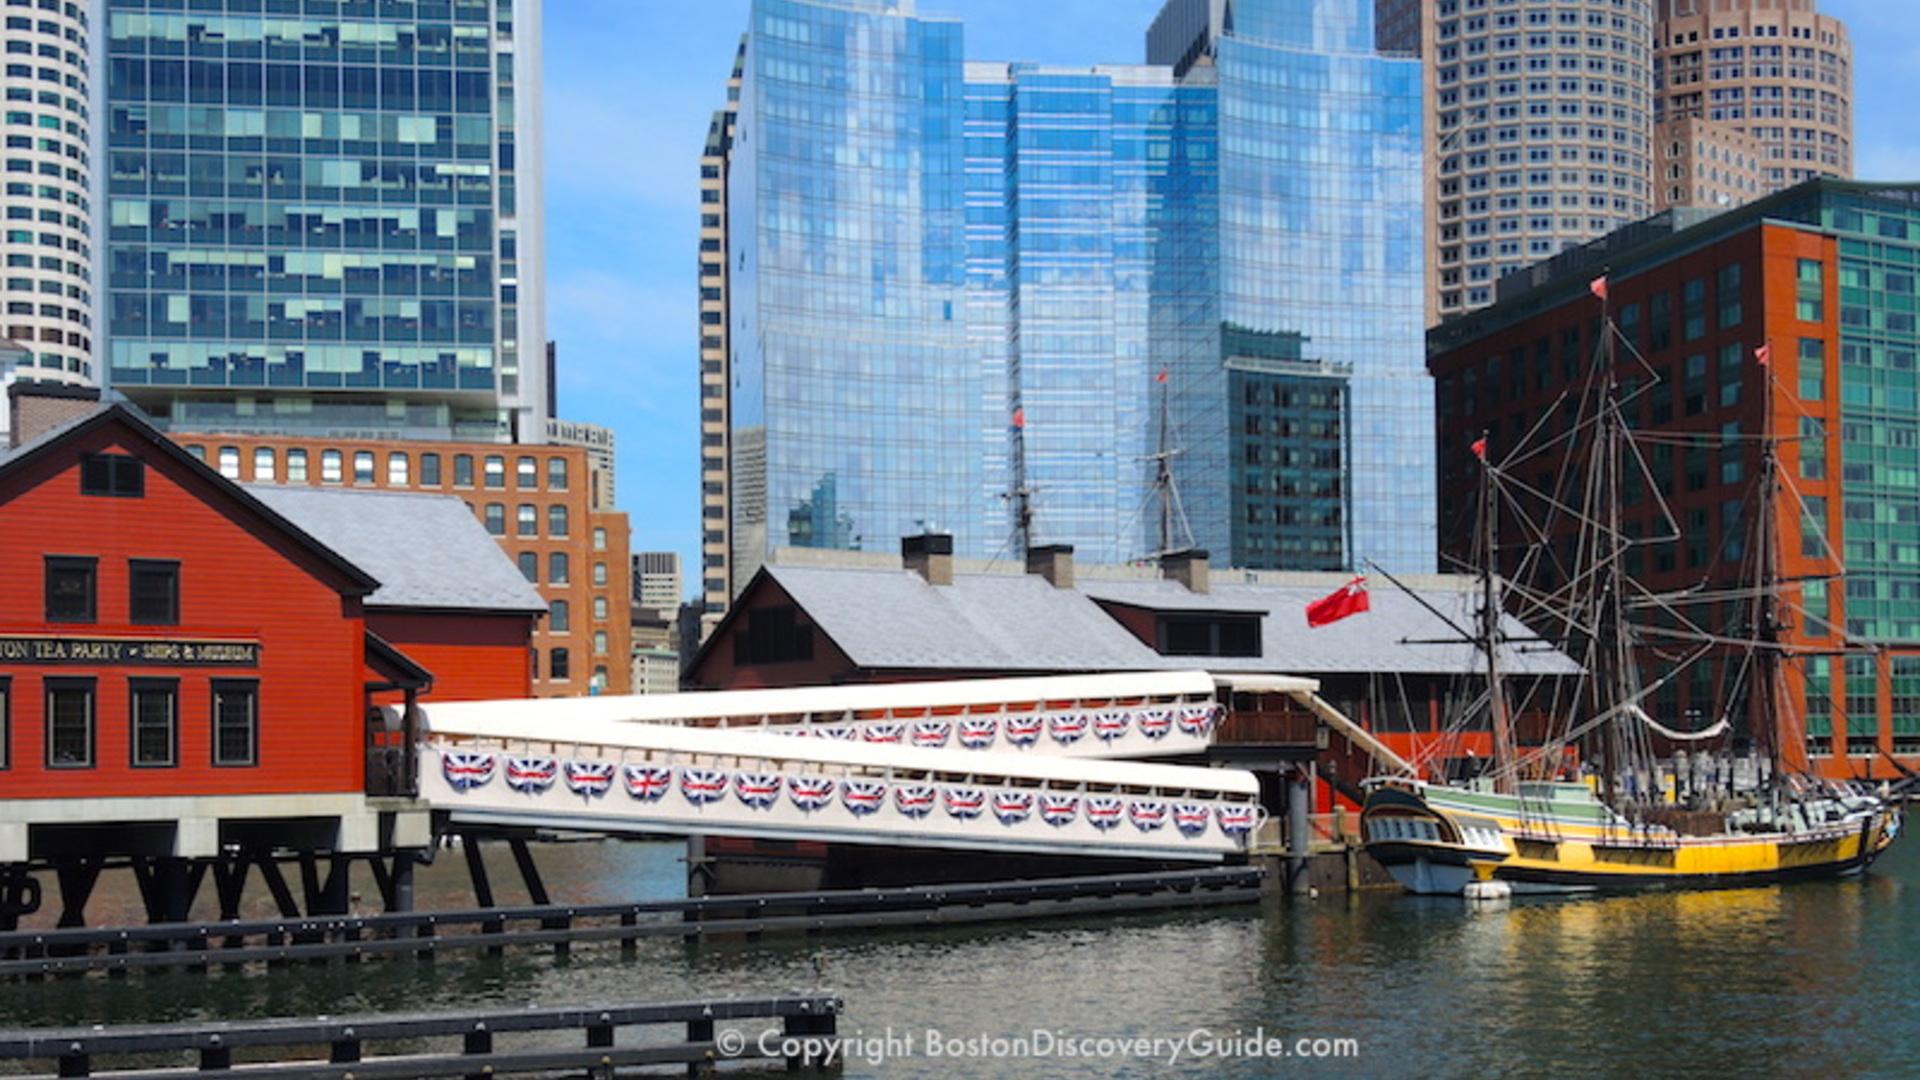 800 tea party museum ship